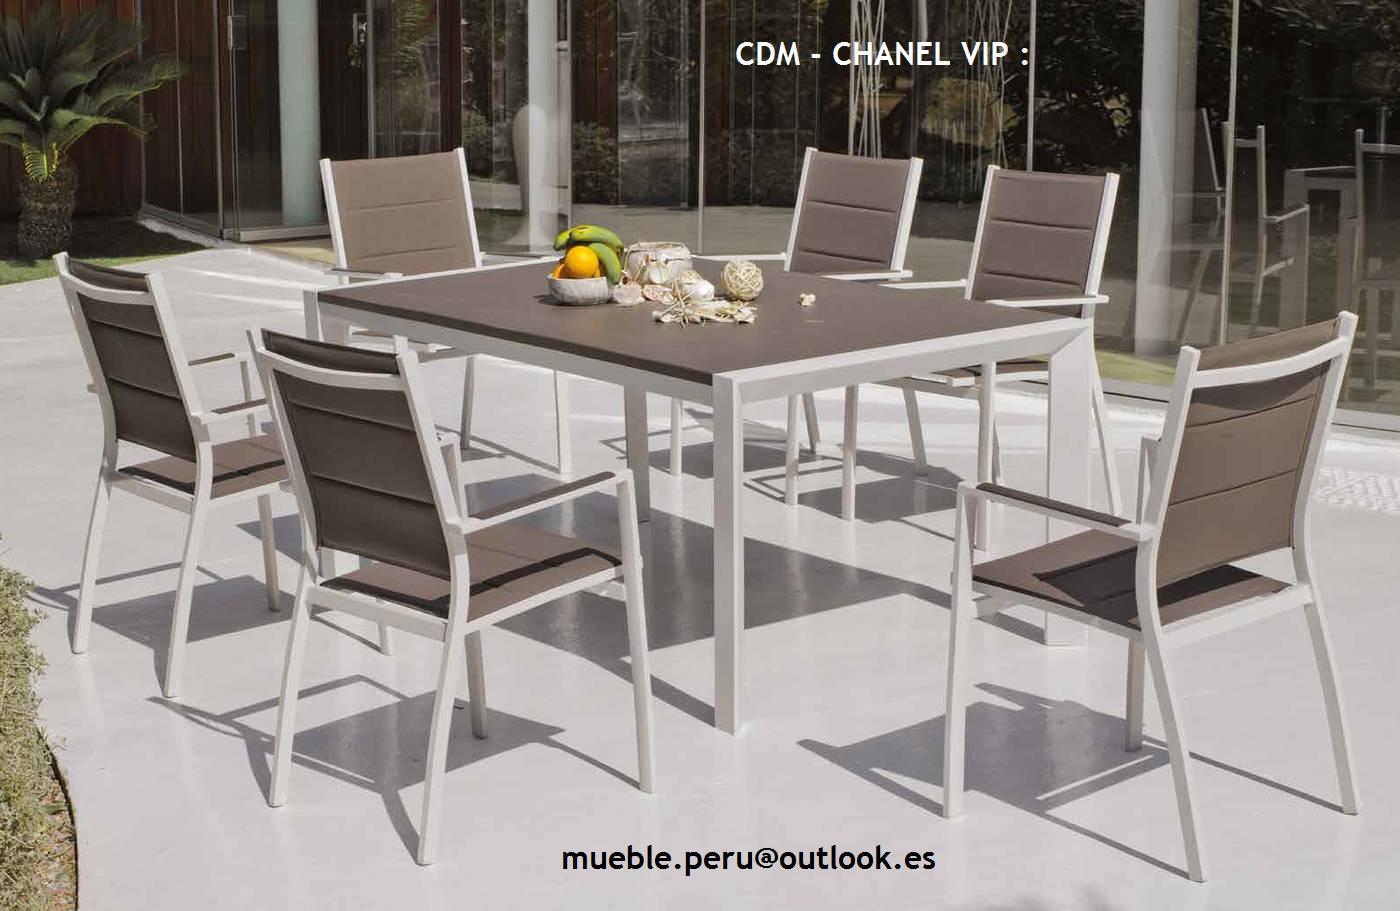 Mueble Peru Sakuray: COMEDOR DE TERRAZA : CDM - CHANEL VIP